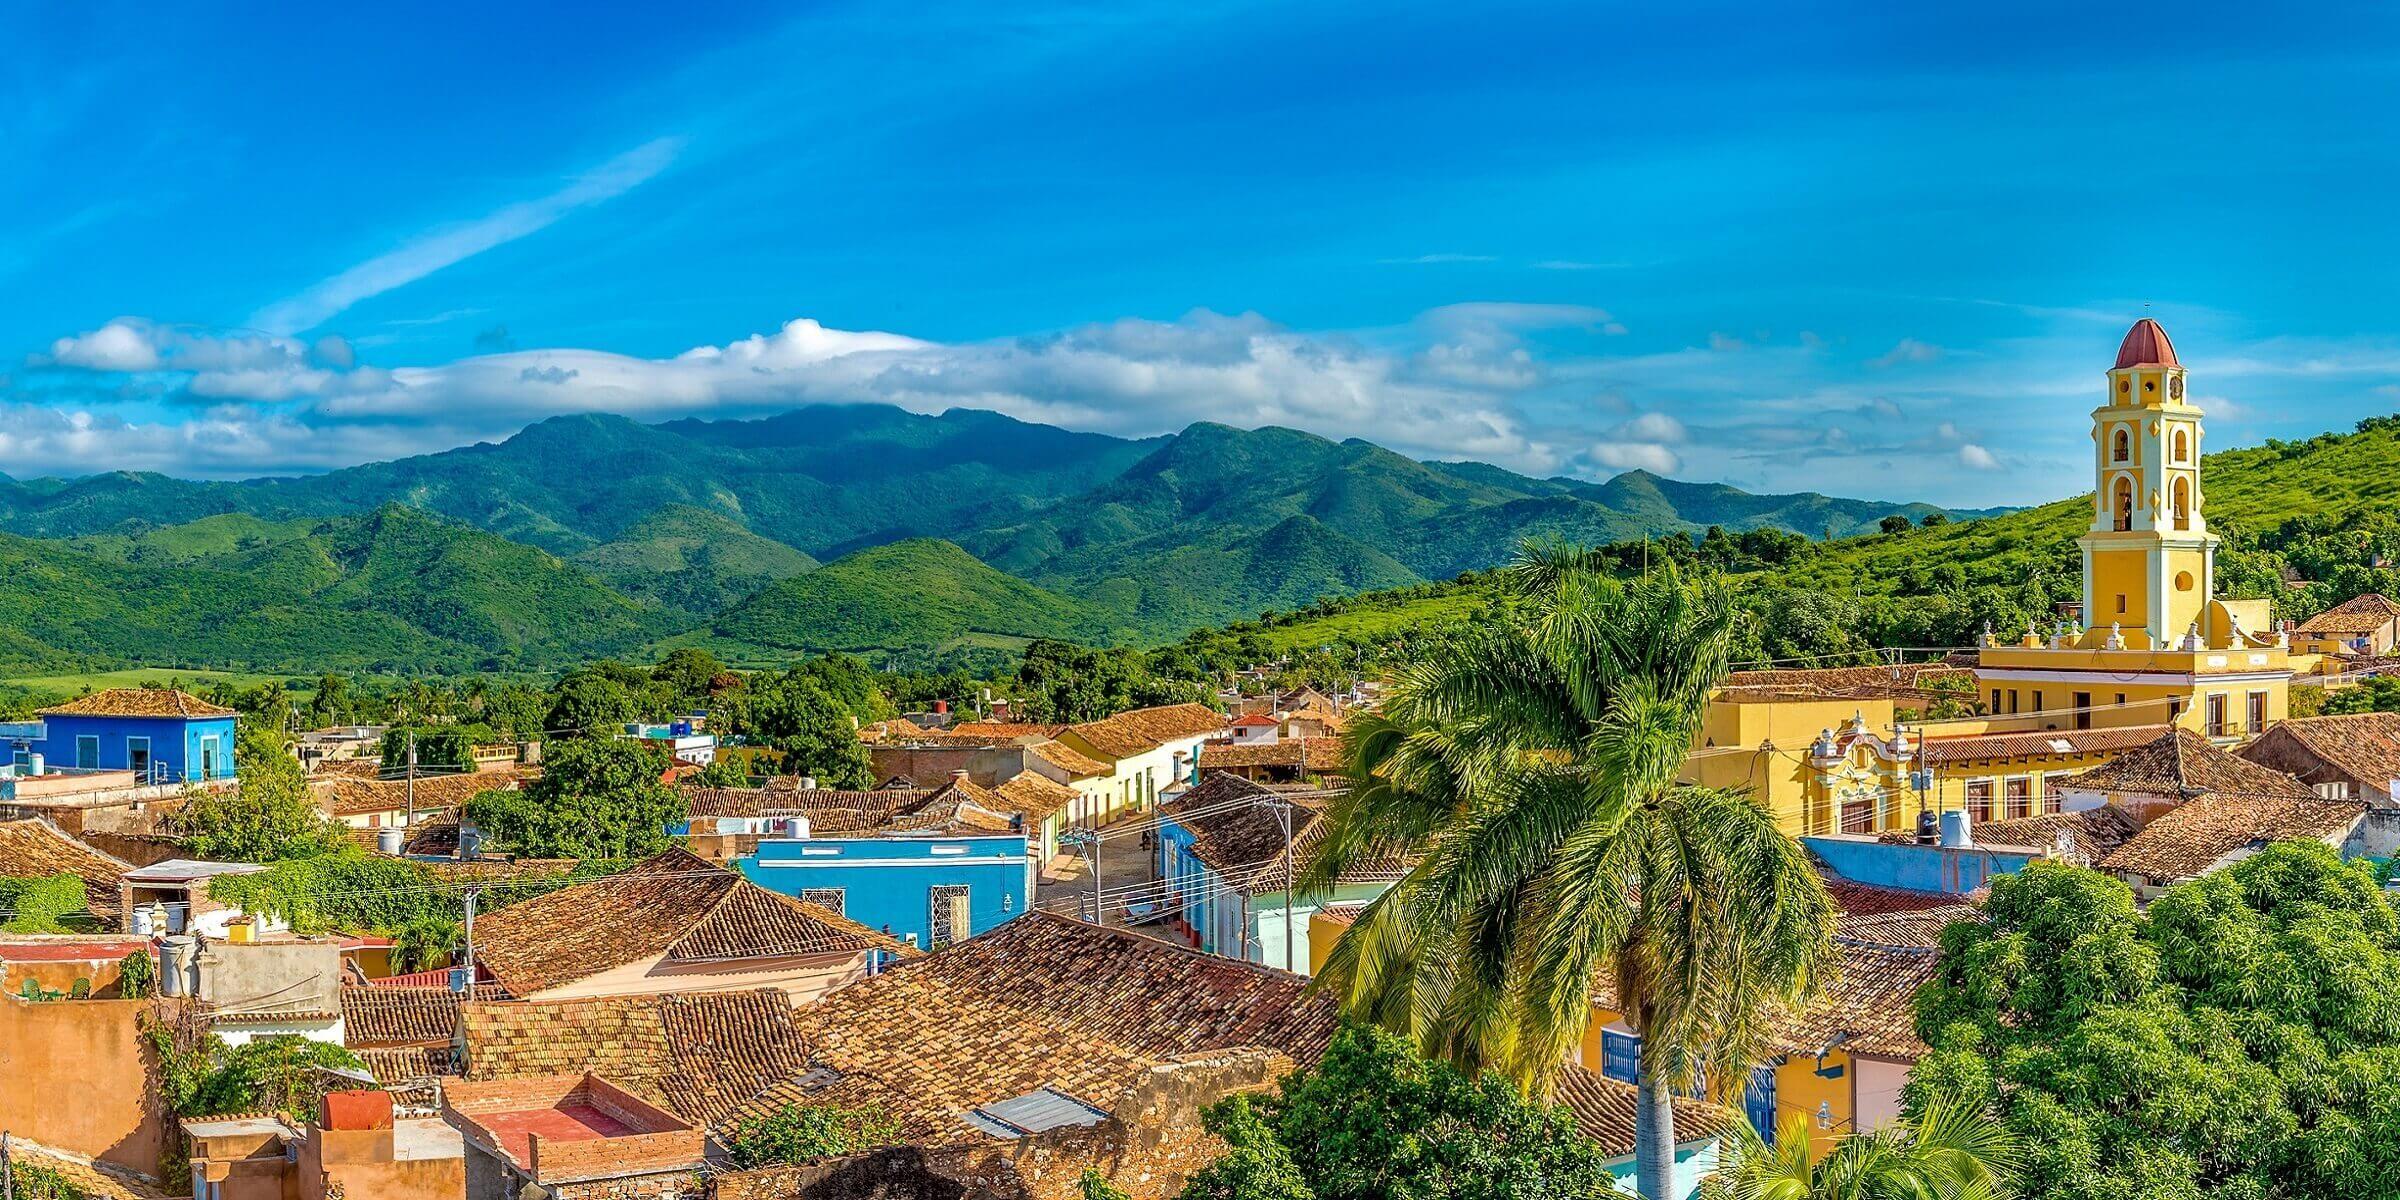 Die Aussicht über Trinidad auf Kuba